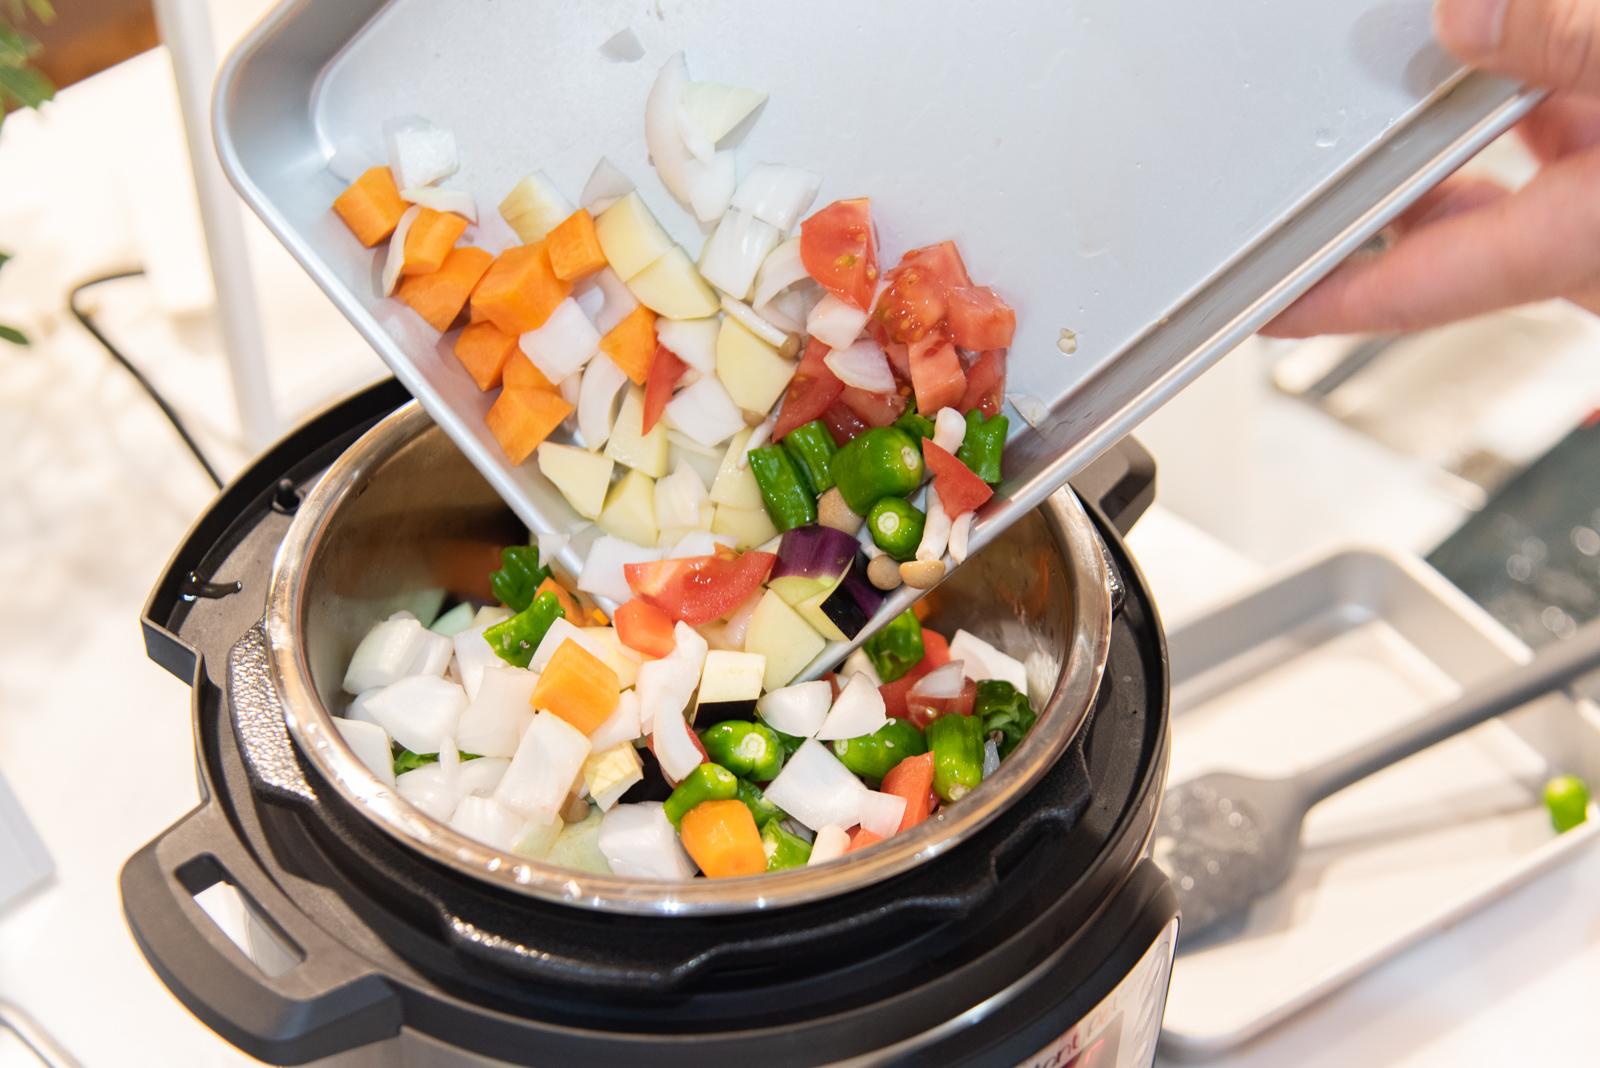 本格料理も簡単!1台7役の多機能マルチクッカー「インスタントポット DUO MINI」とは?